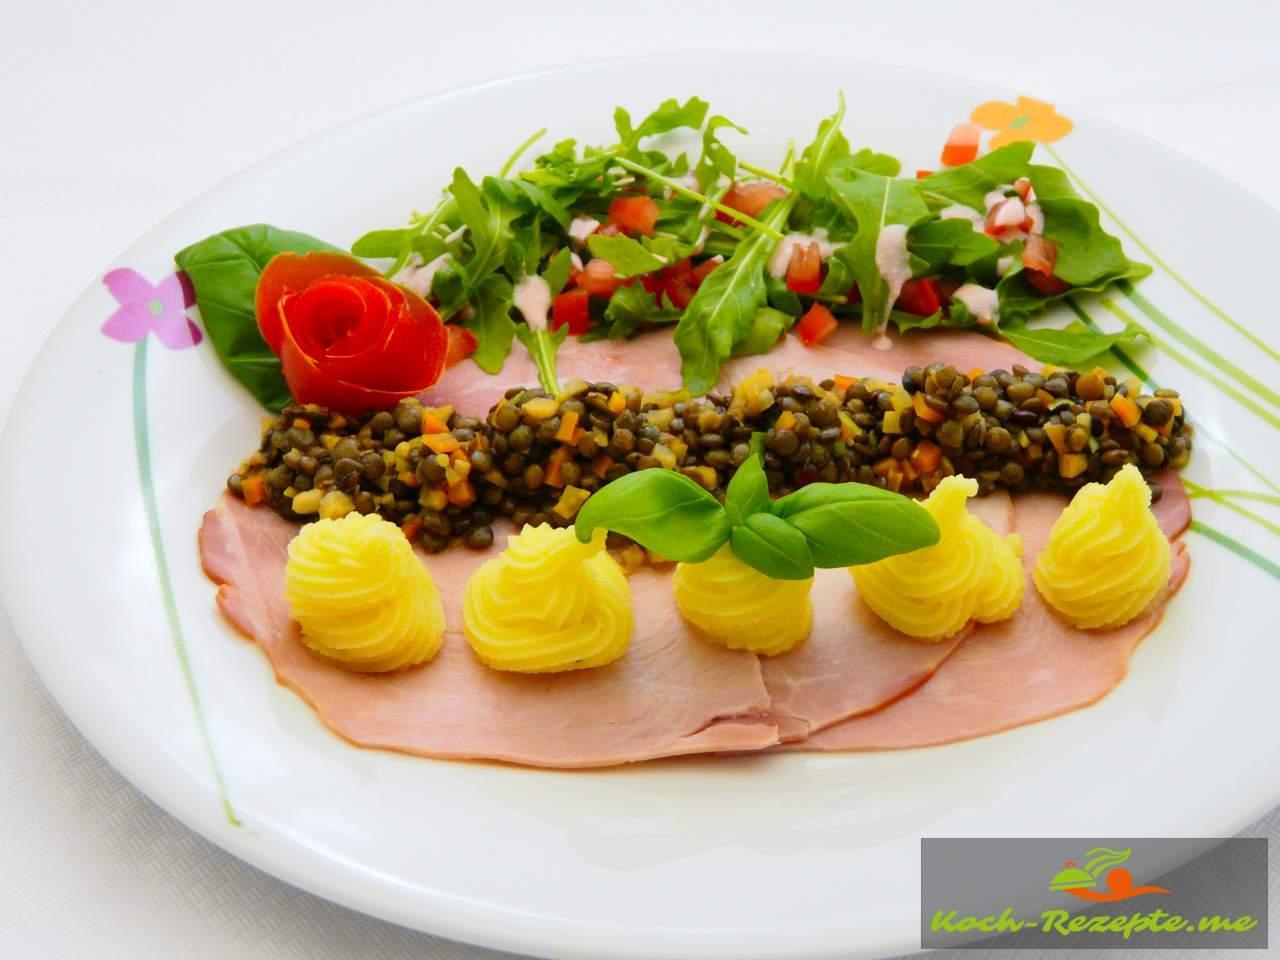 Carpaccio von Kochschinken und Linsensalat